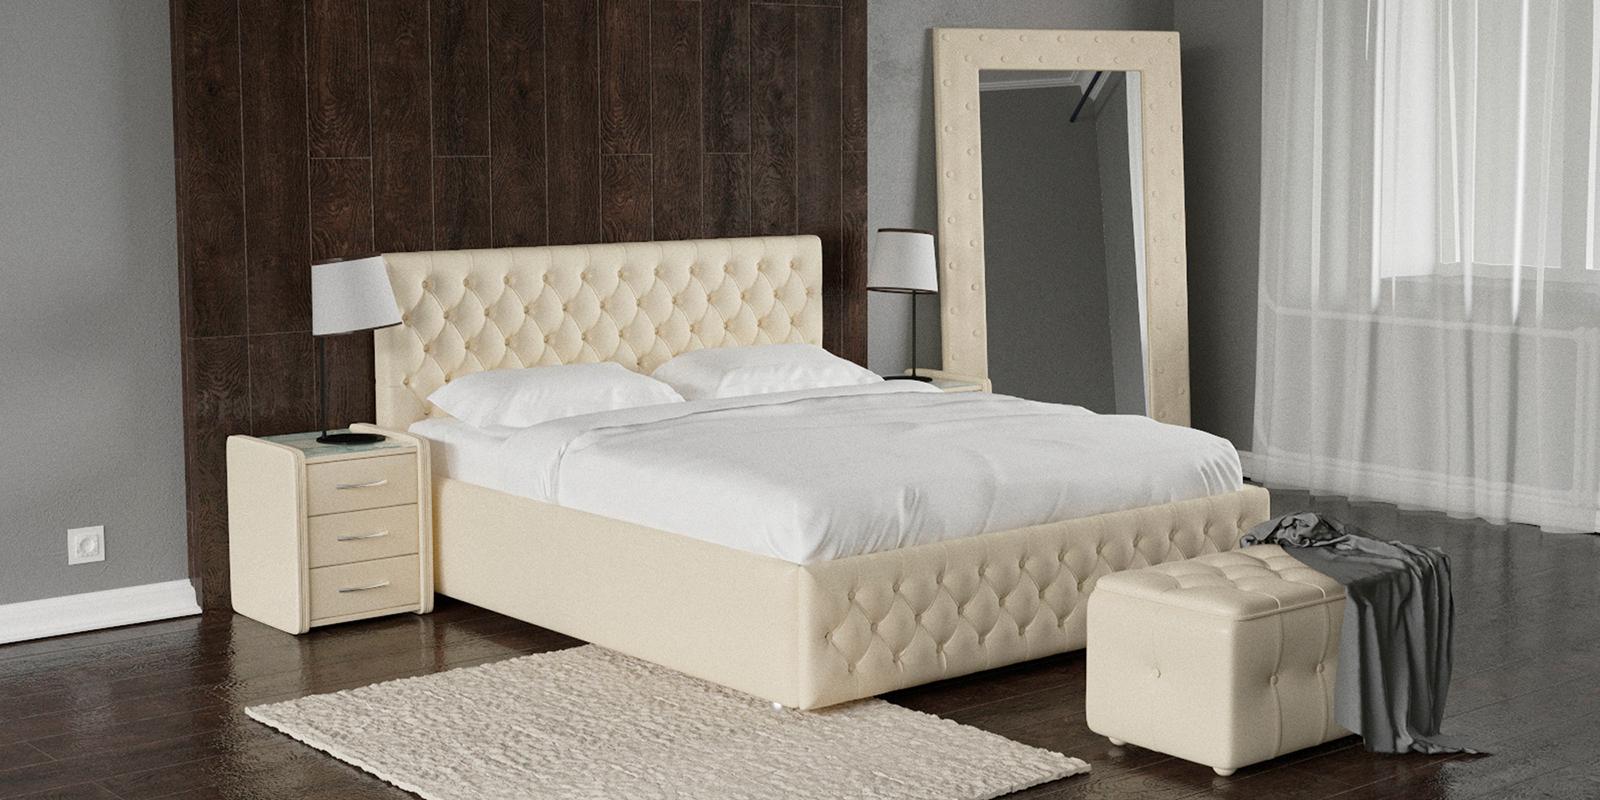 Купить Мягкая кровать 200х160 Малибу вариант №4 с ортопедическим основанием (Бежевый), HomeMe